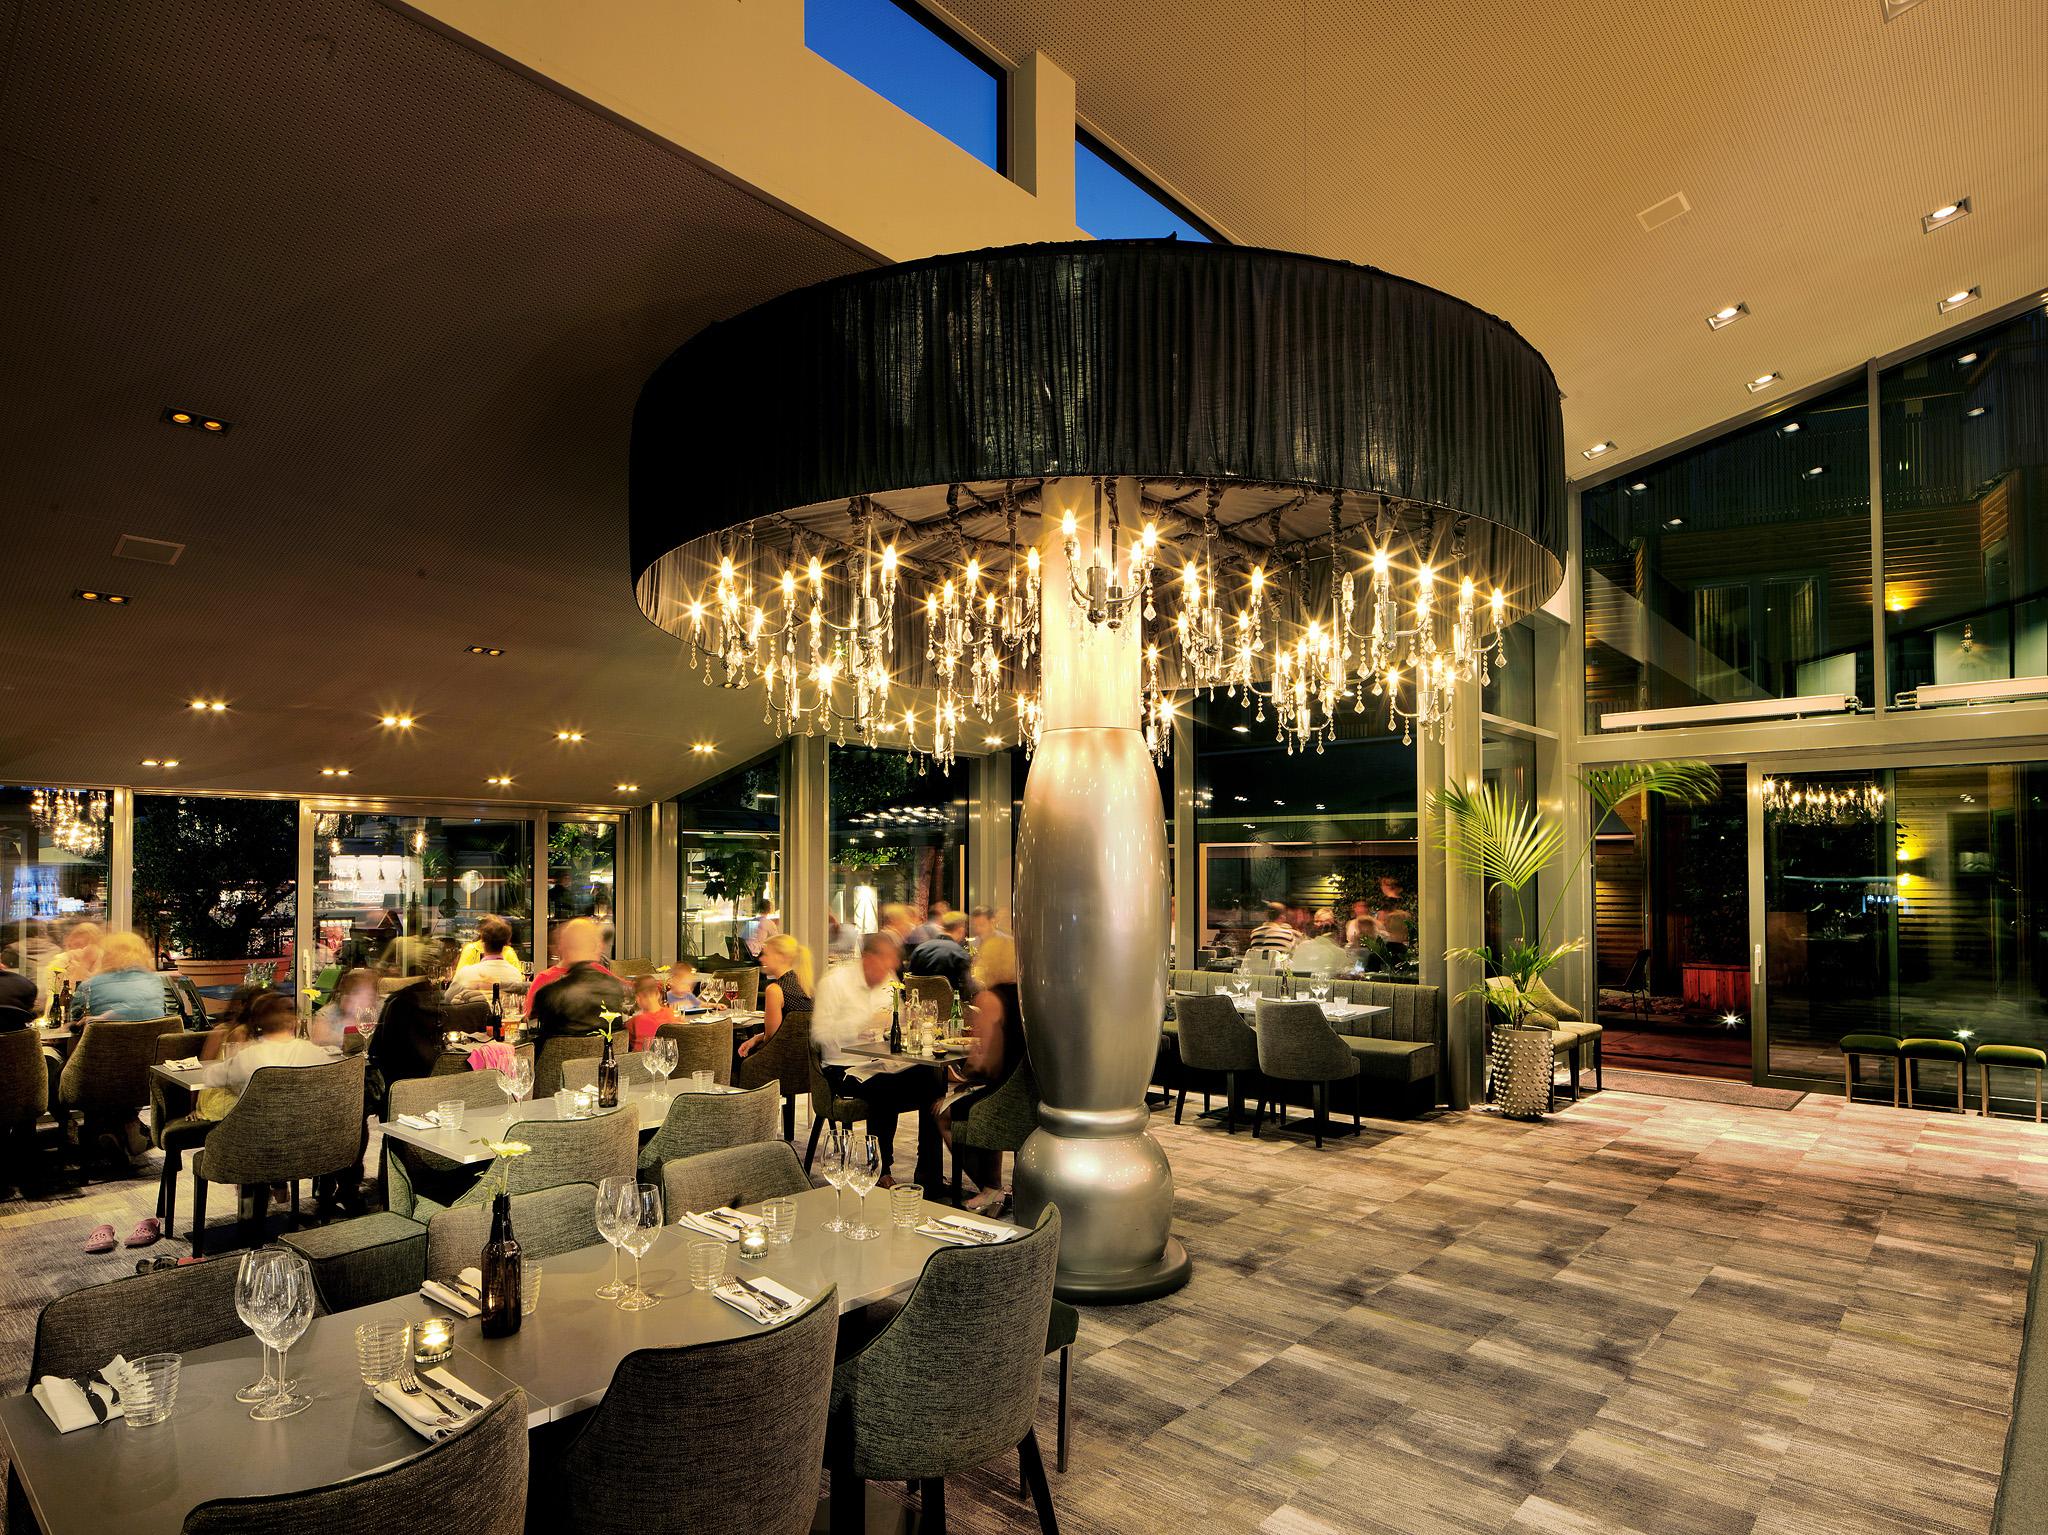 150829 Kv?llsst?mning i restaurangen p? The Lamp Hotel den 29 augusti 2015 i Norrk?ping. Foto: Peter Holgersson AB